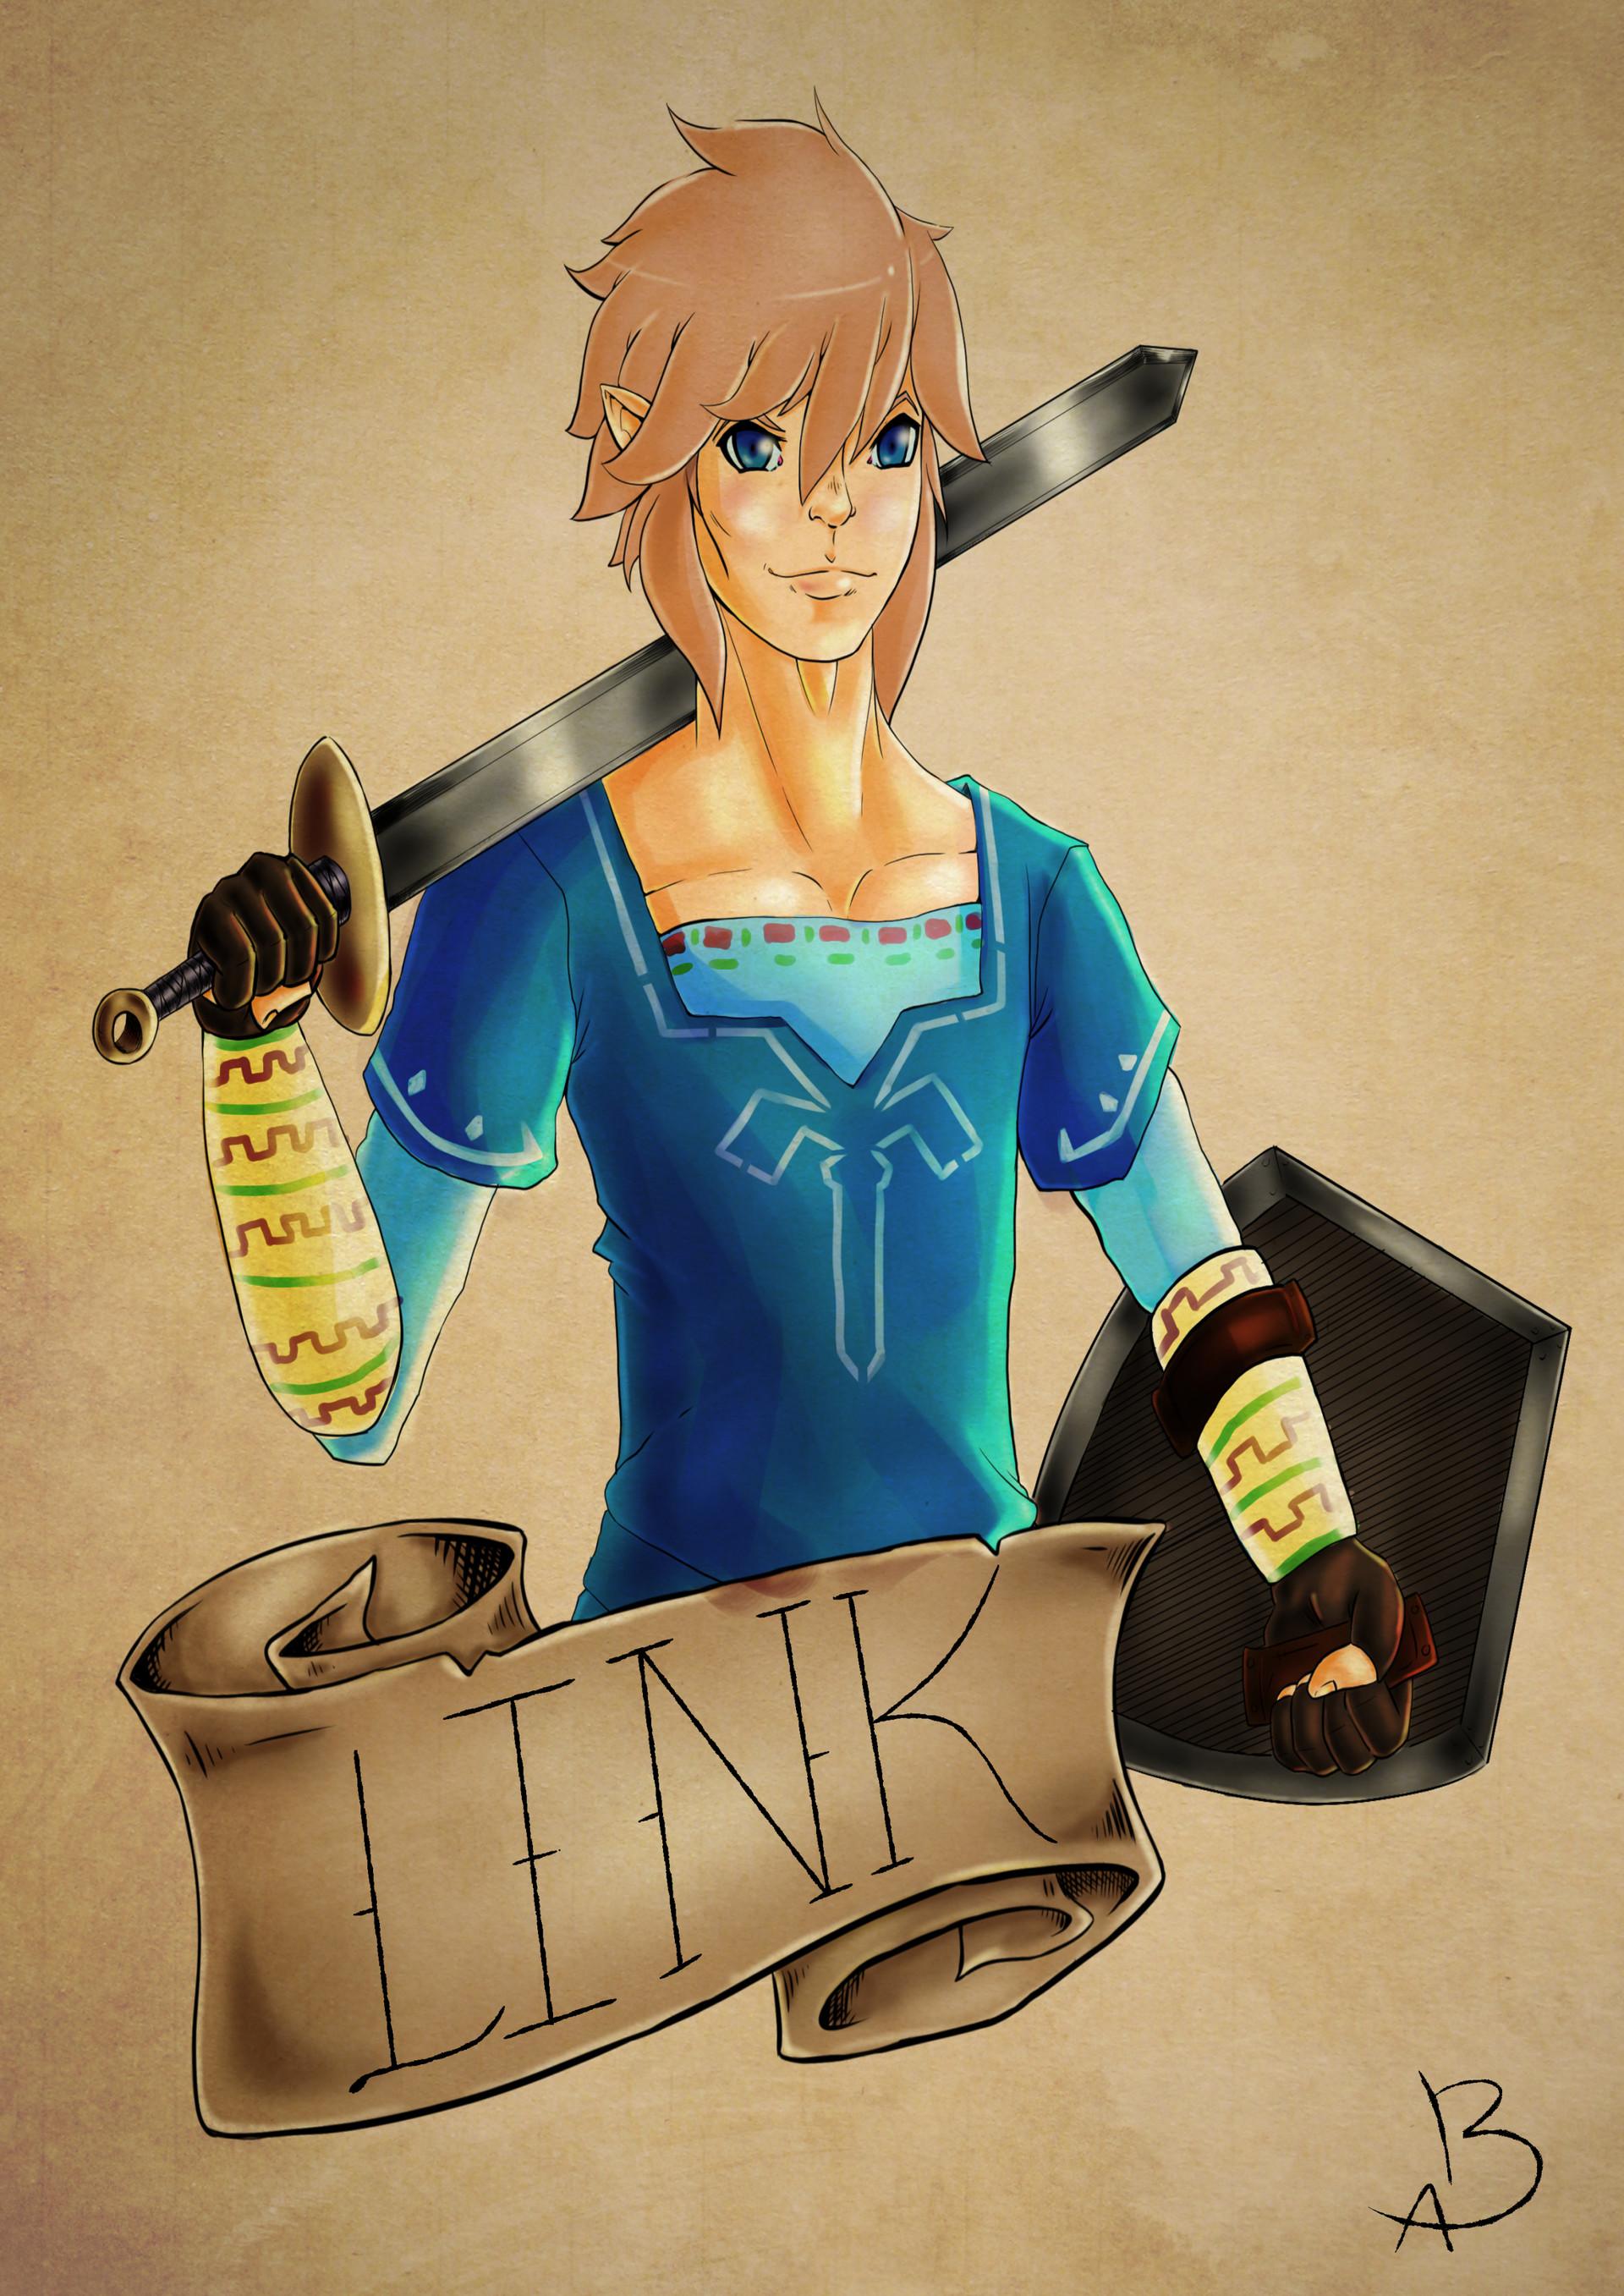 Blake Appling Zelda Botw Link Fan Art Design